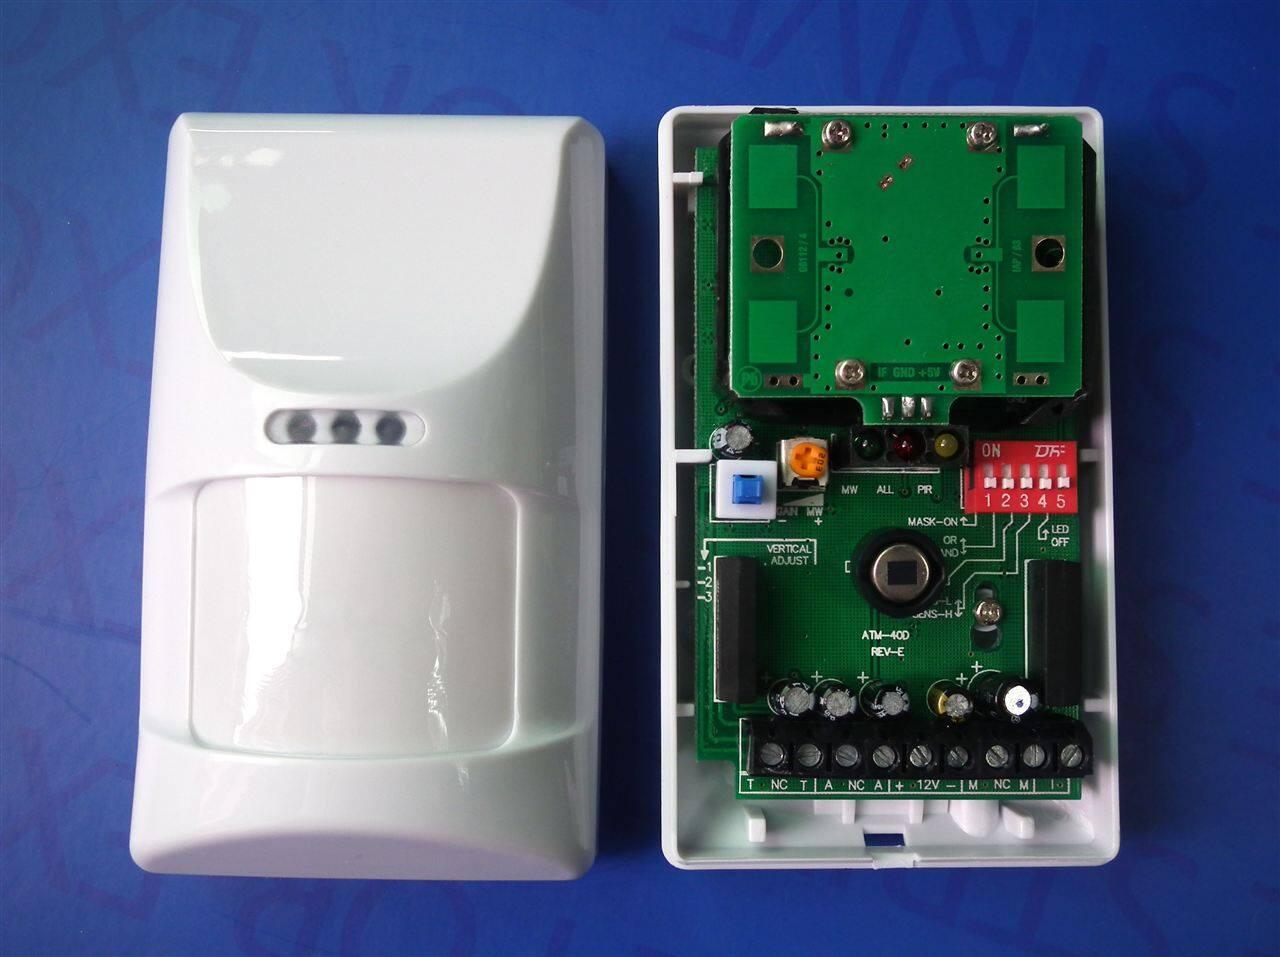 产品库 防盗报警 探测器 红外探测器 atm-40d 双鉴被动红外入侵探测器